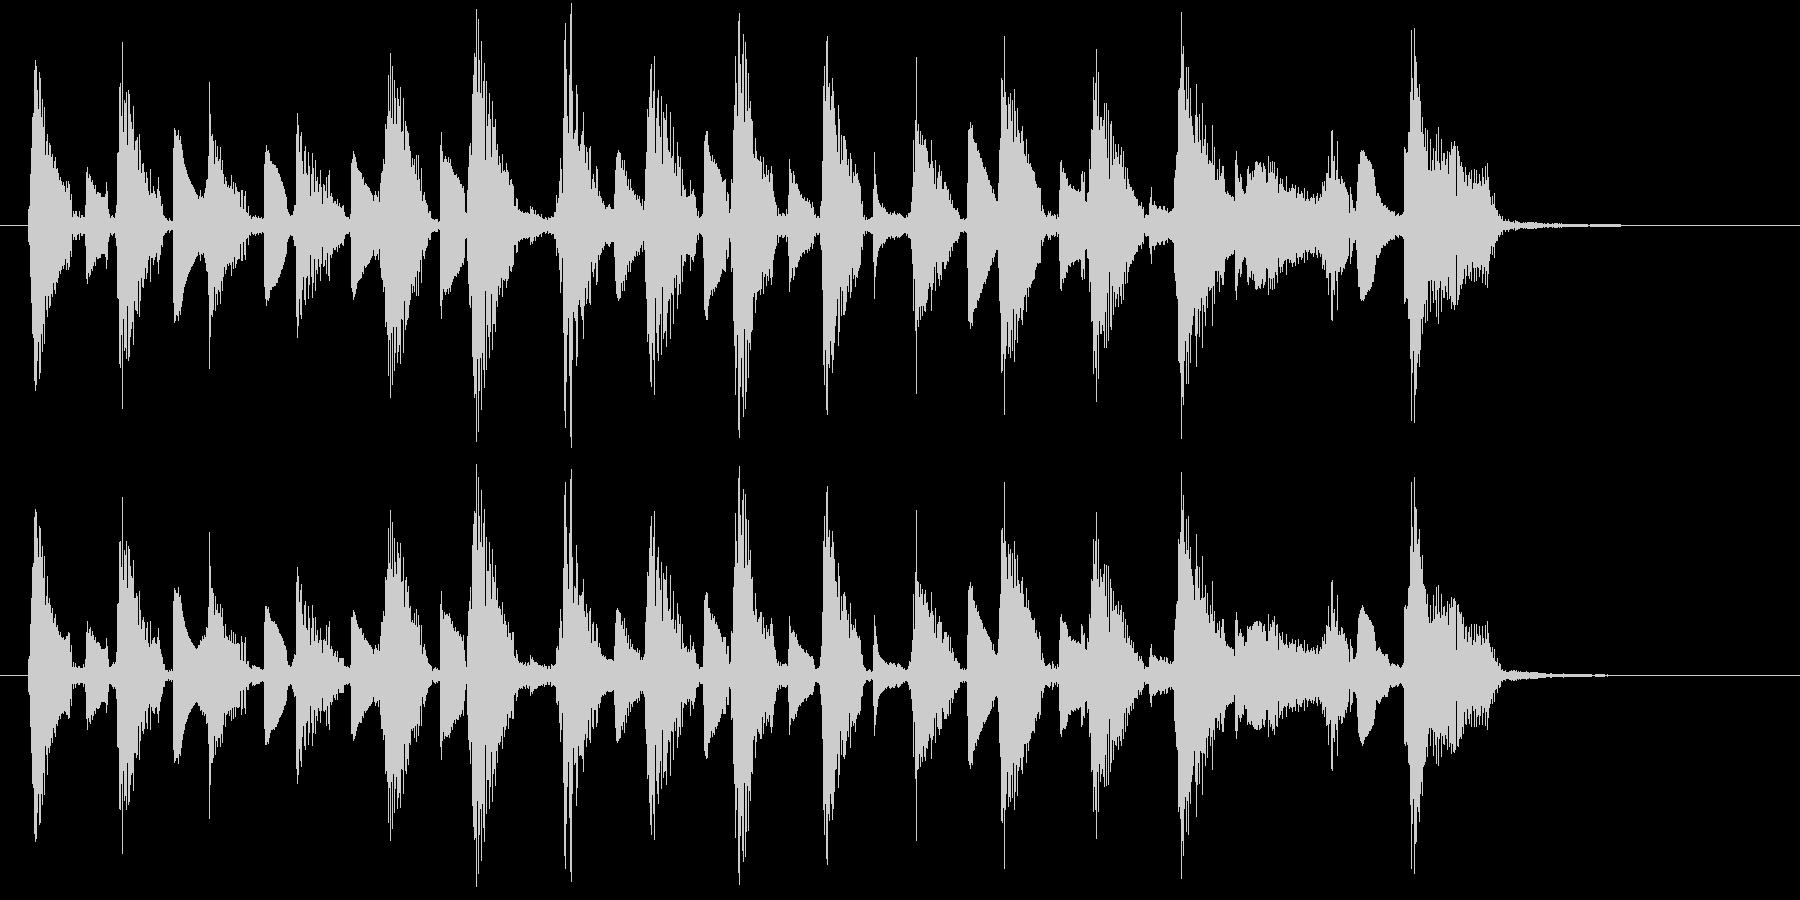 ウクレレ2本(短いフレーズ系)の未再生の波形